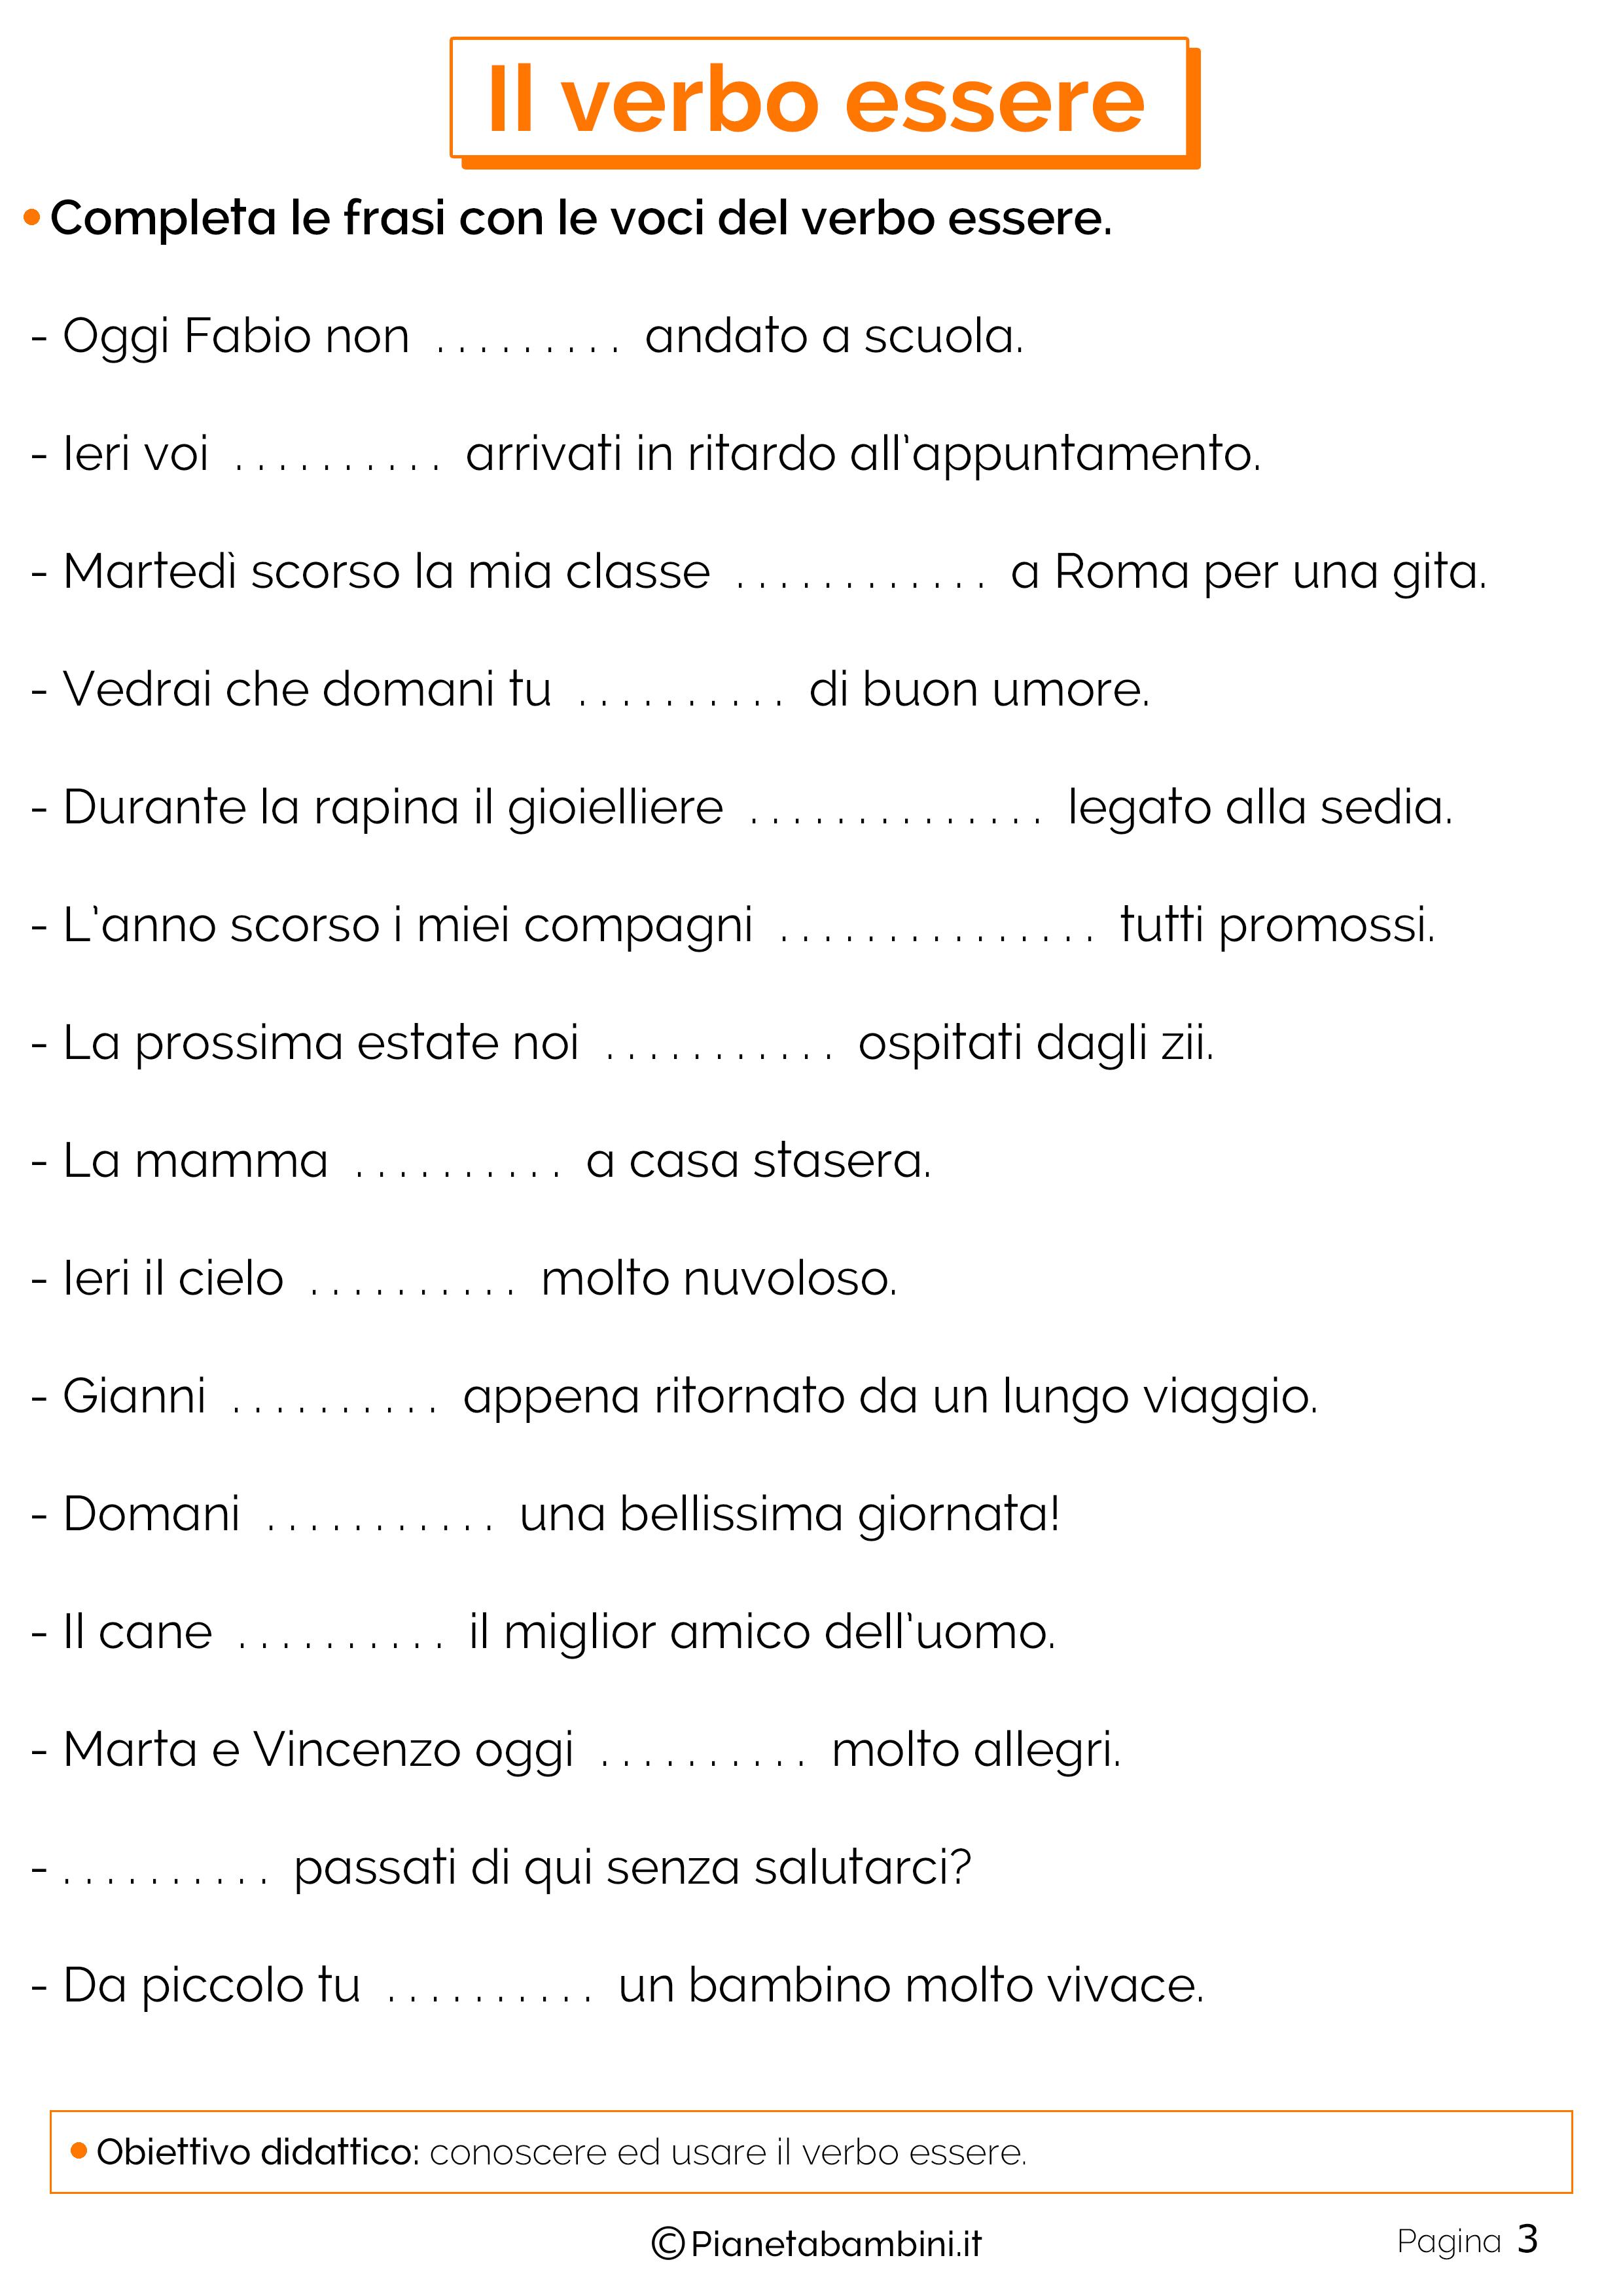 Il Verbo Essere Esercizi Per La Scuola Primaria Scuola Learning